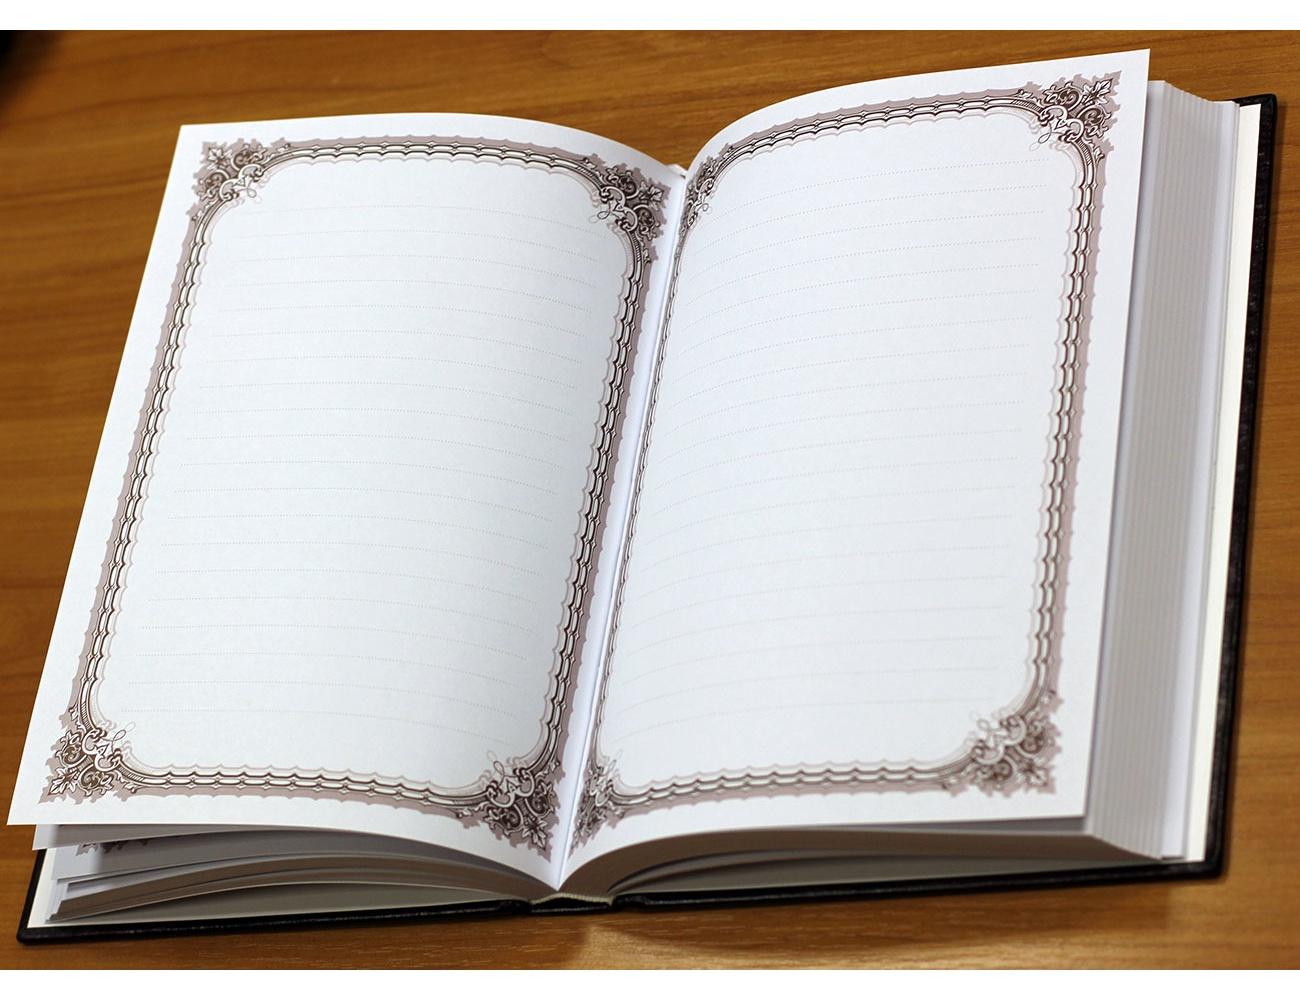 Книги с персонализированной обложкой и поздравлениями